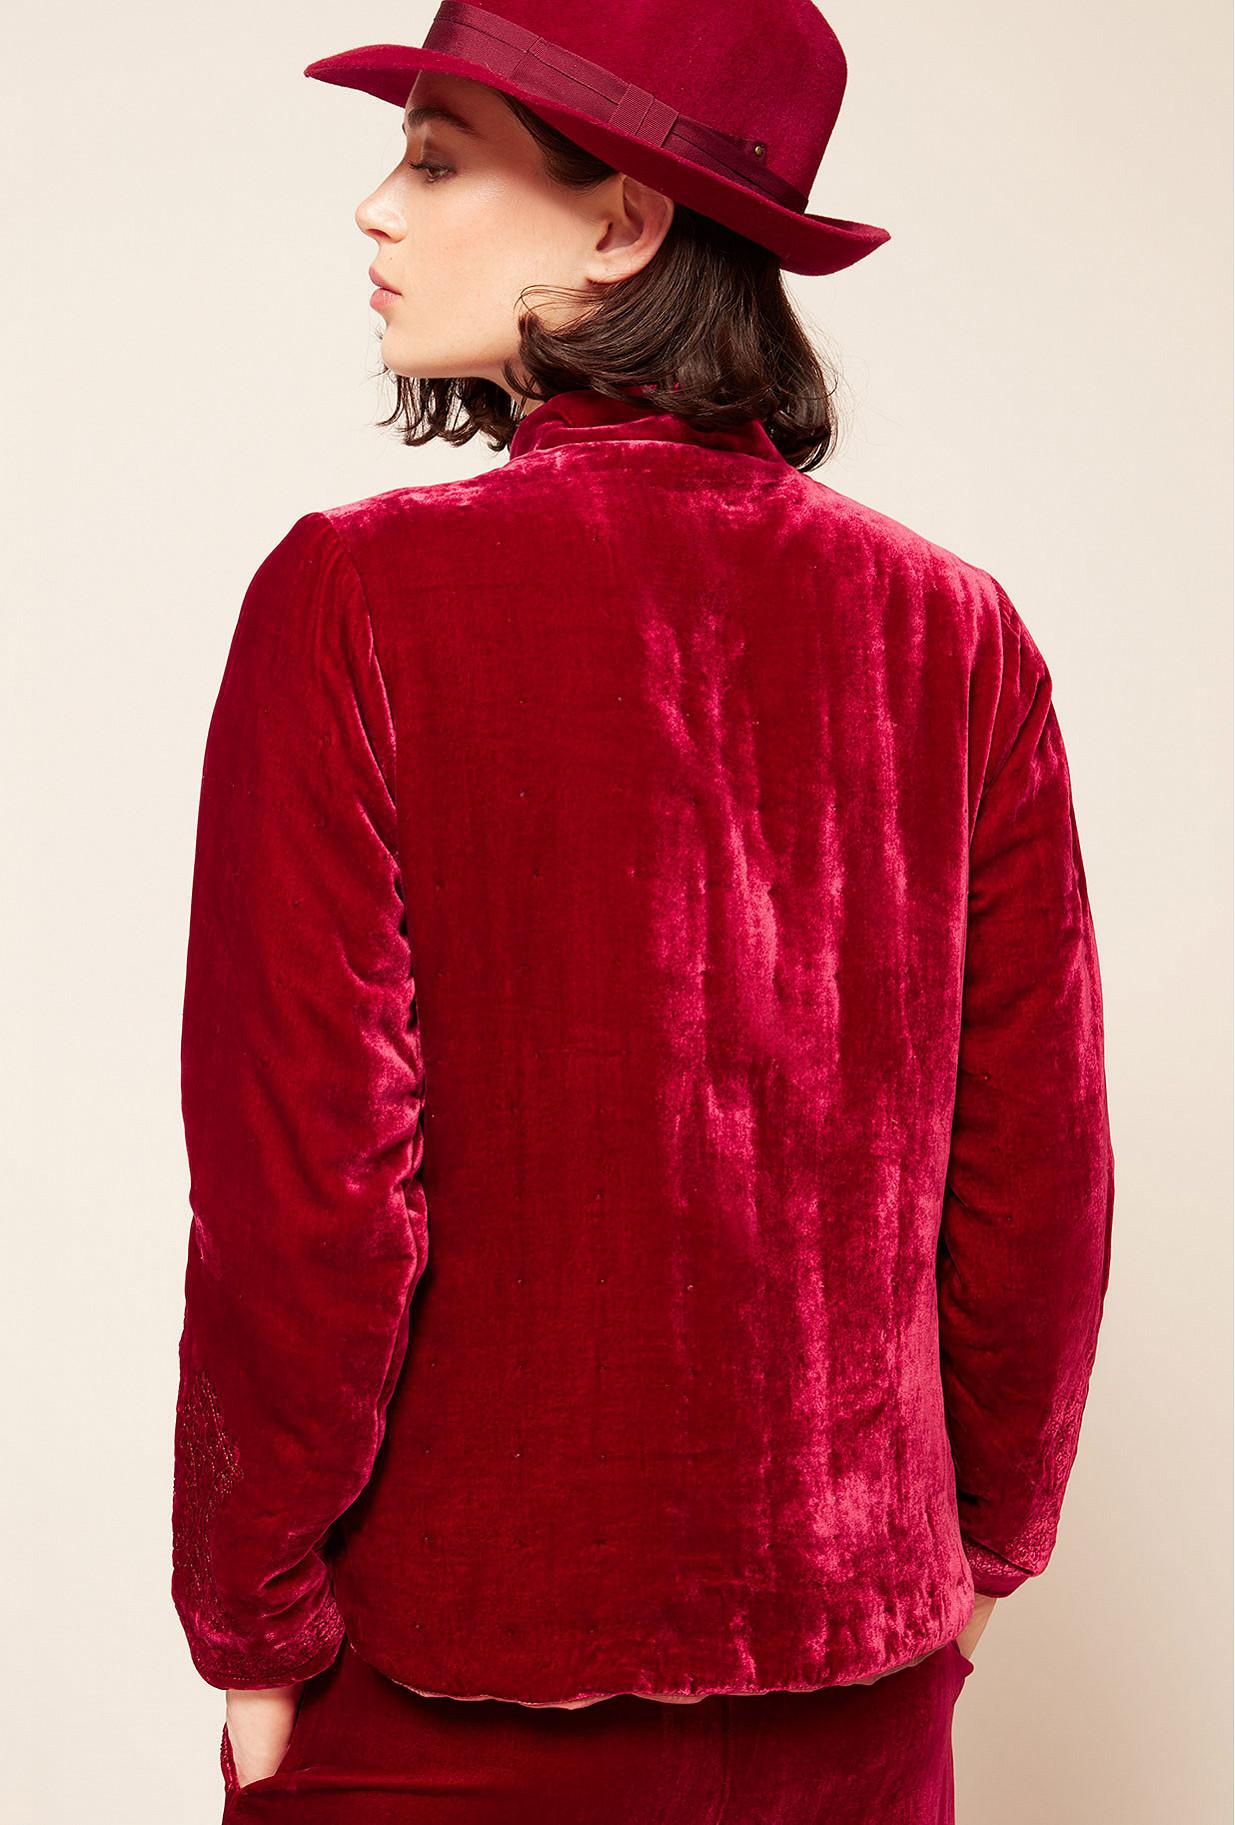 Veste Rouge  March mes demoiselles paris vêtement femme paris